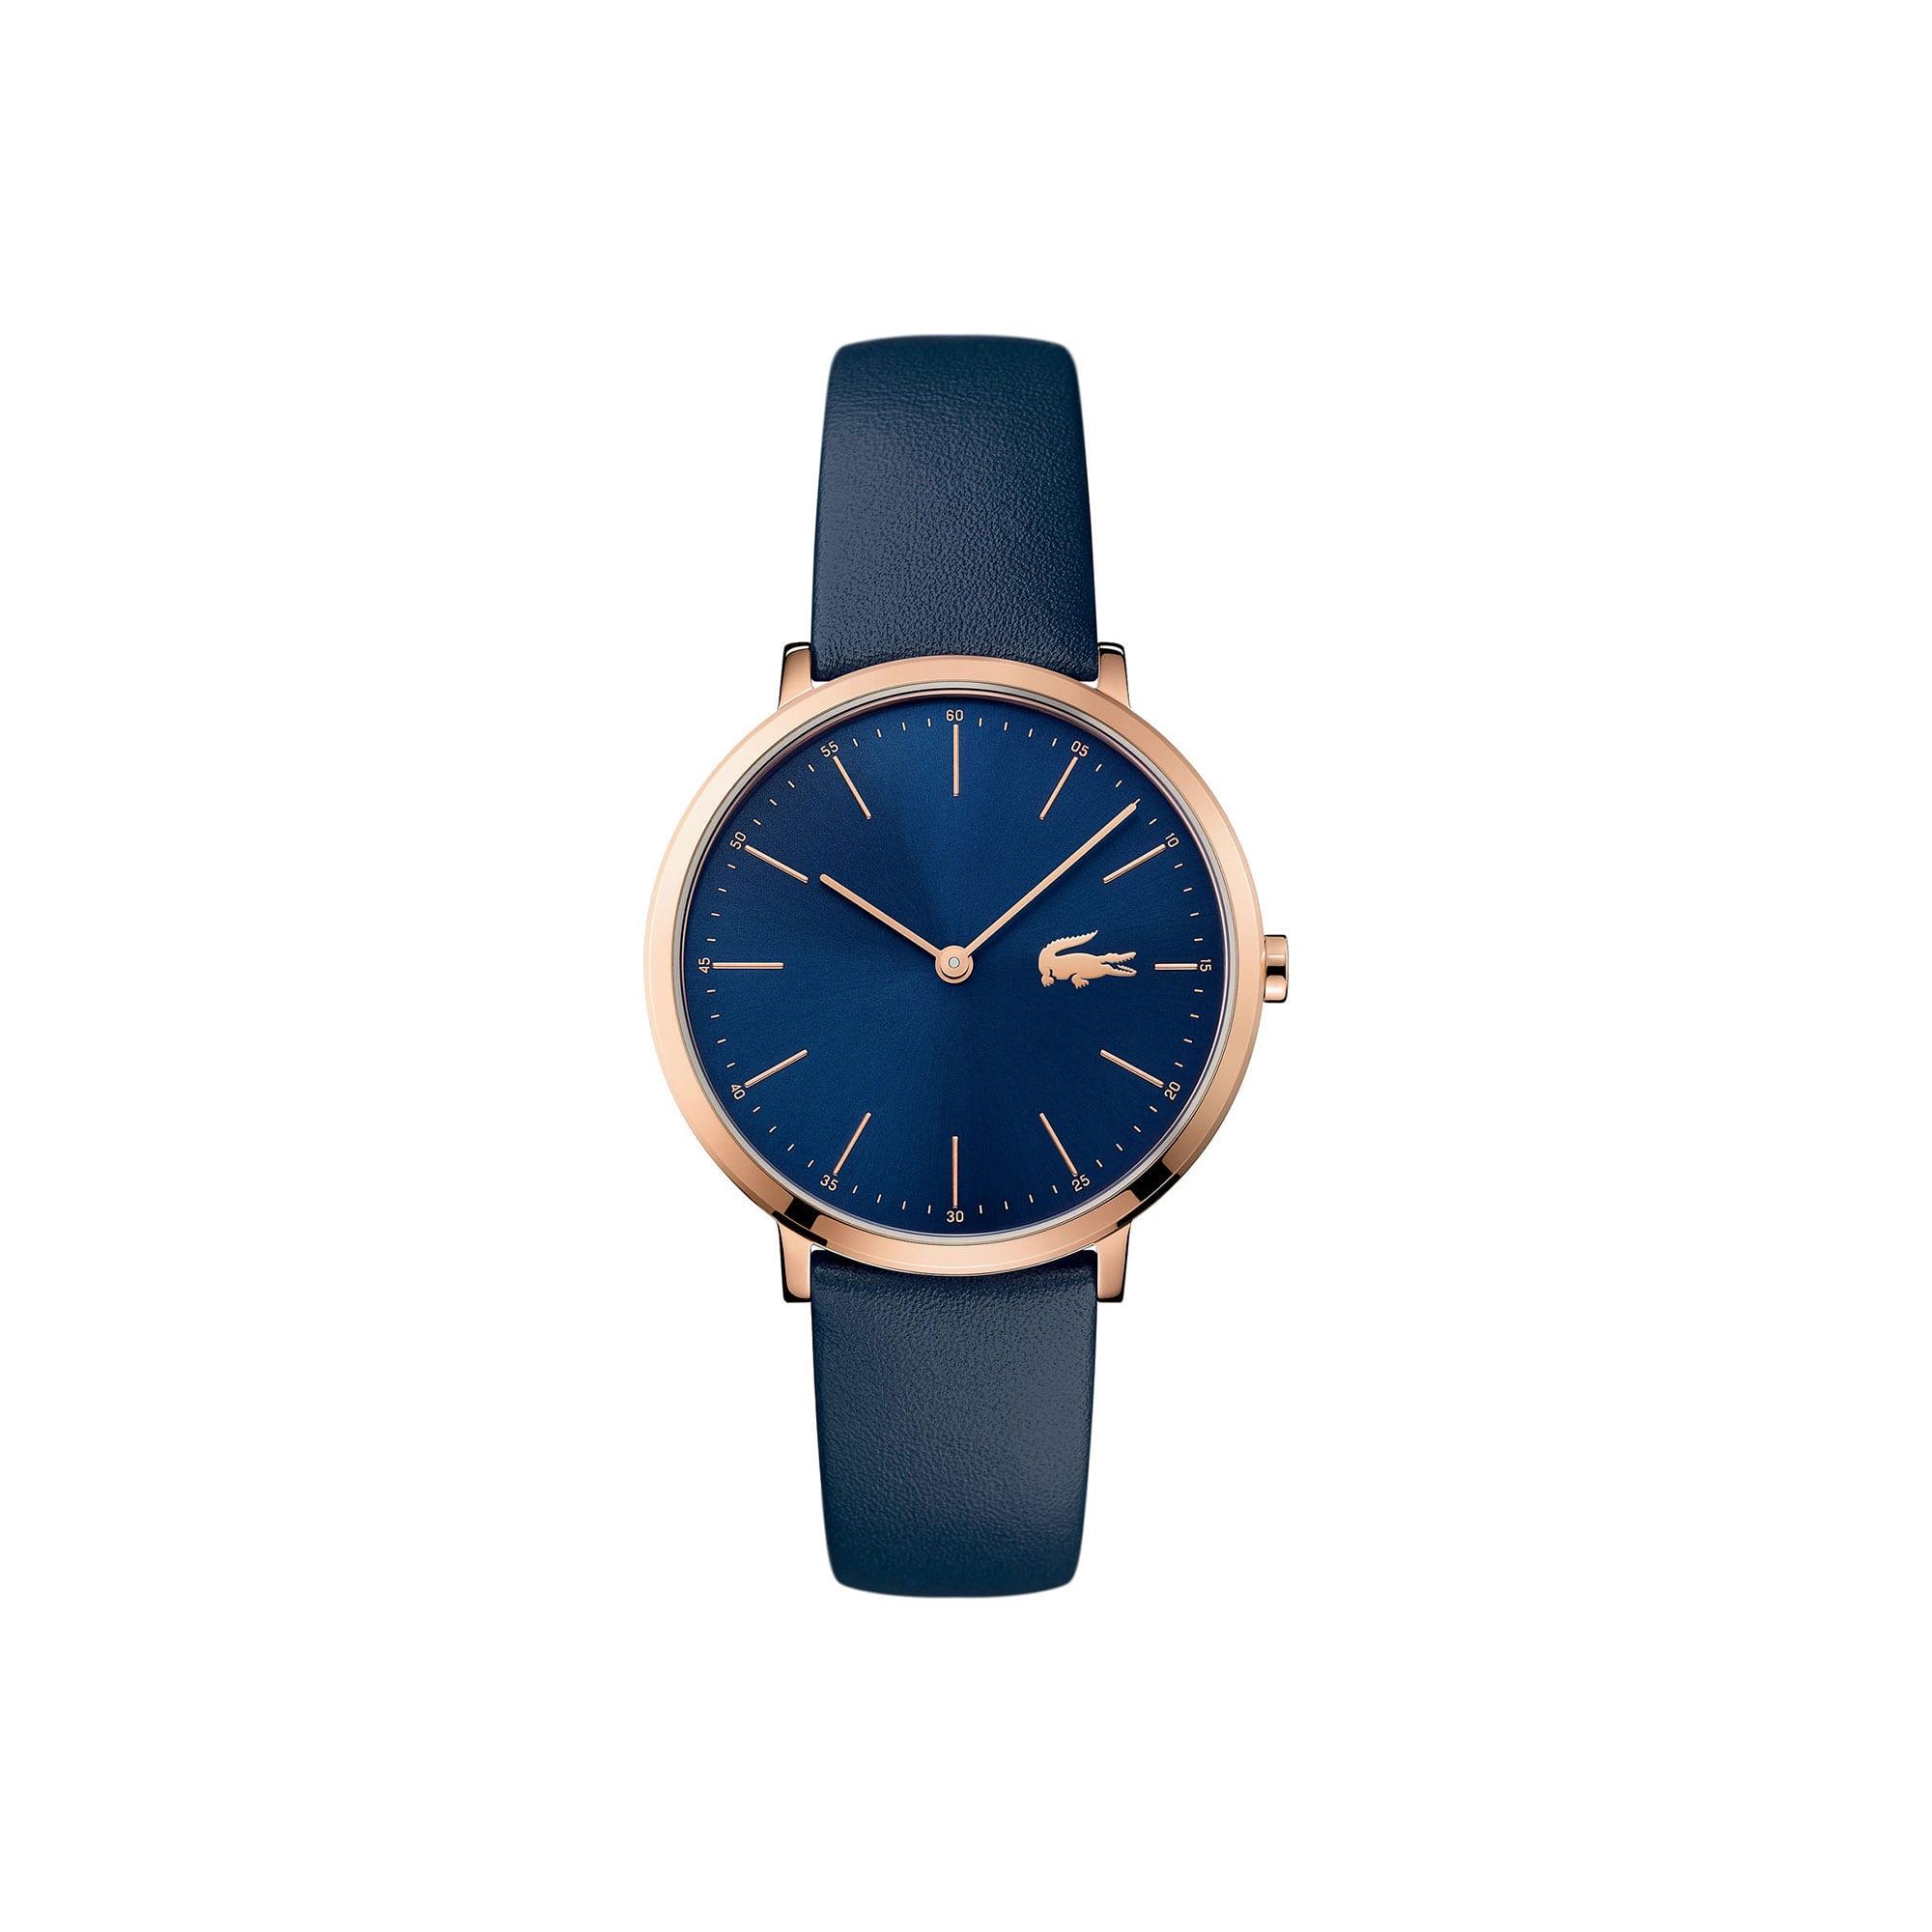 Moon Horloge Vrouwen Extra plat Blauwe wijzerplaat Blauwe leren band